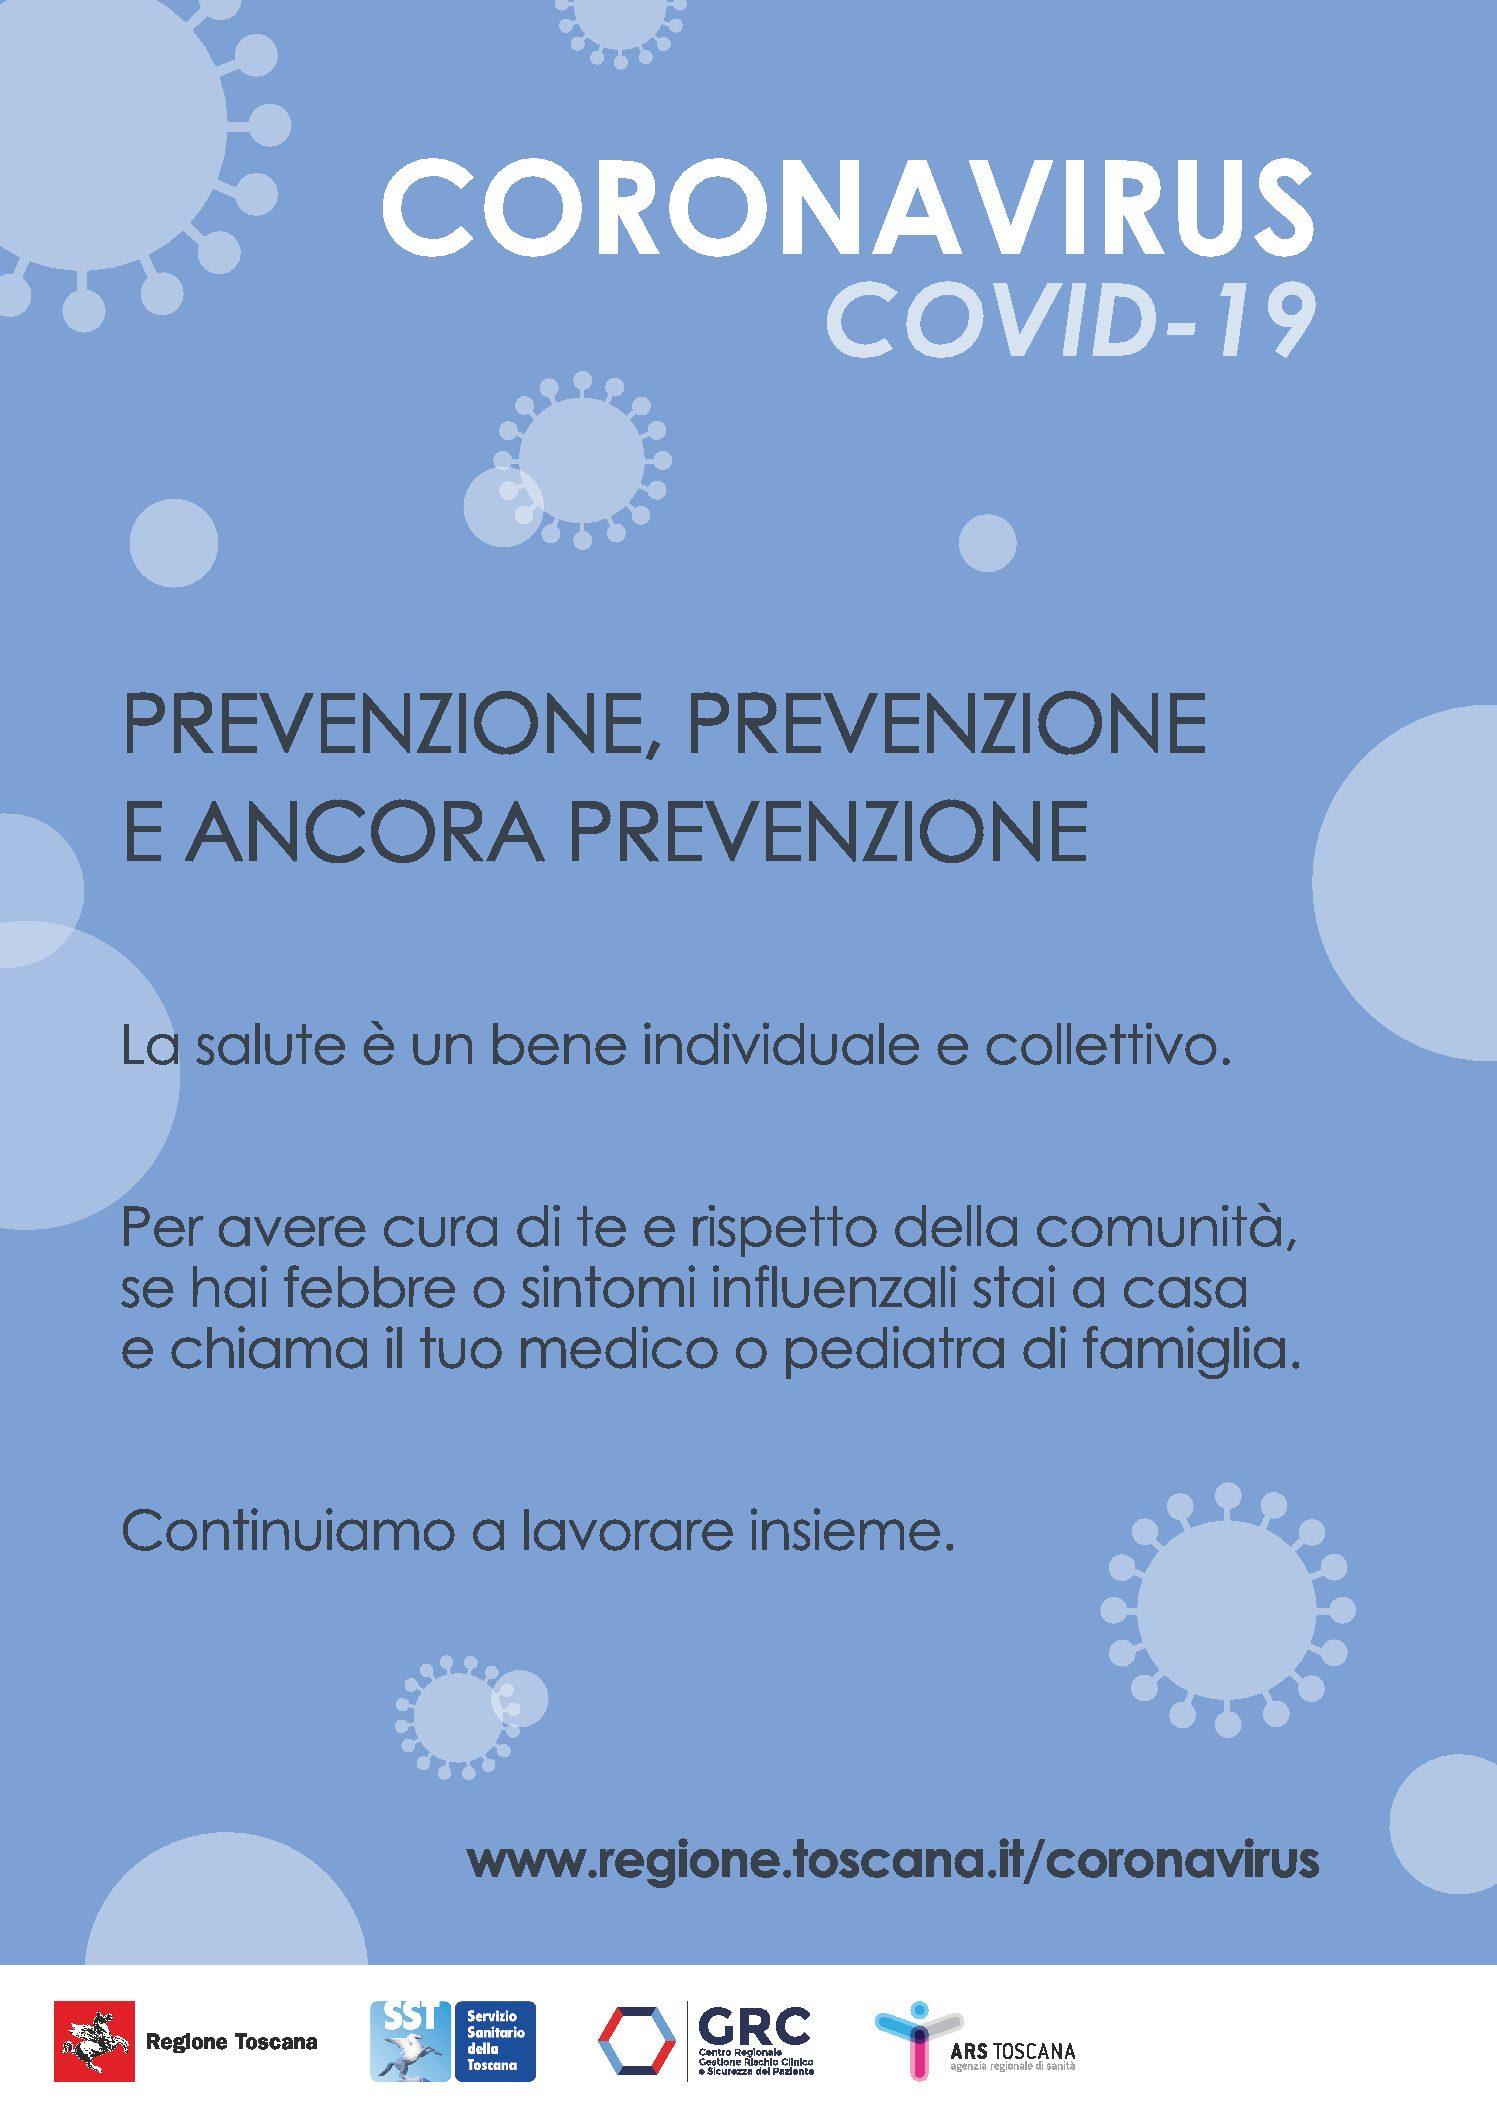 Misure preventive e informative coronavirus